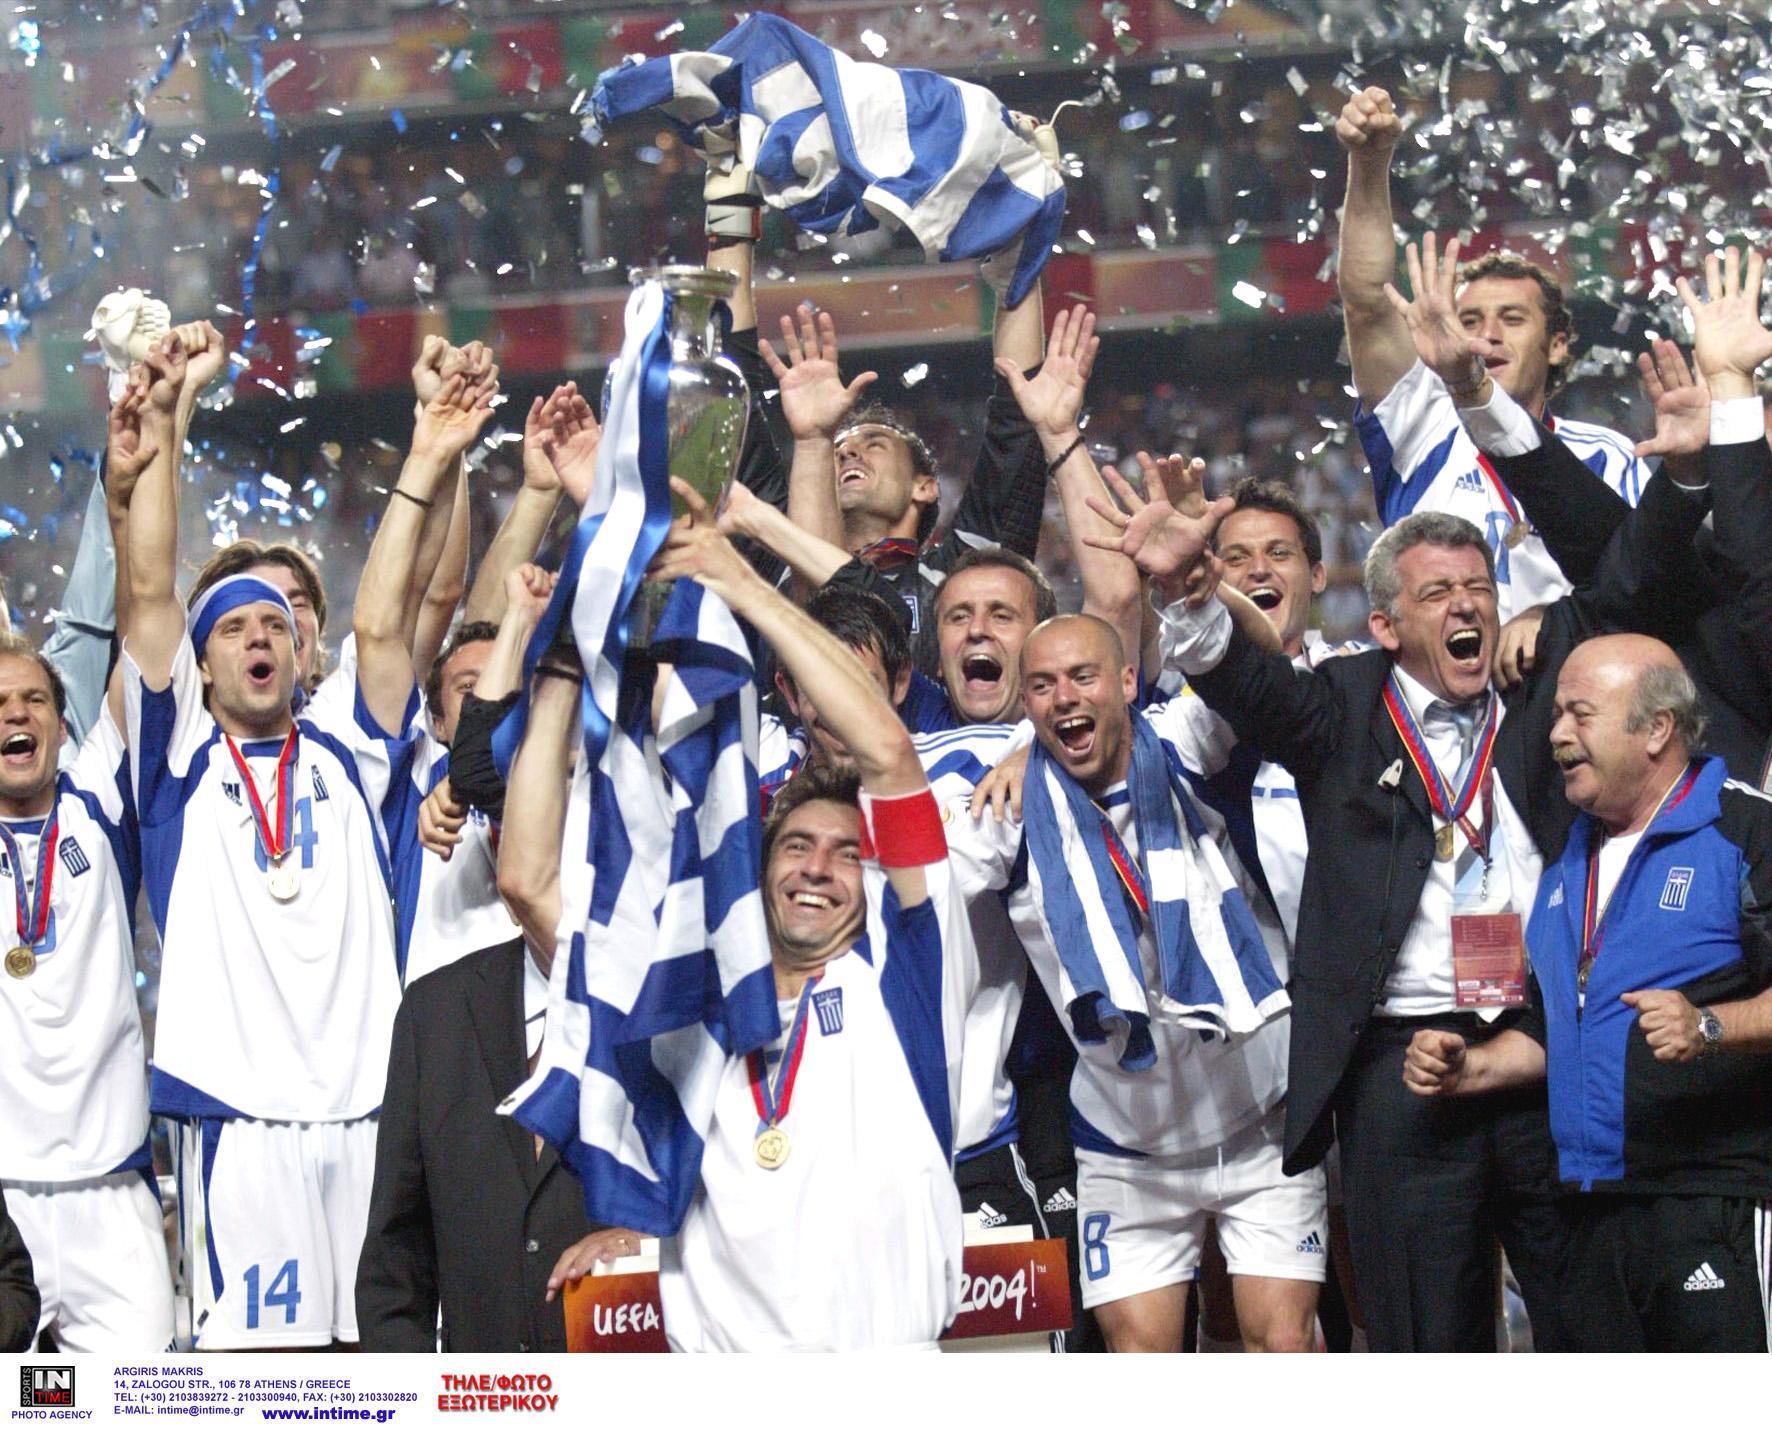 UEFA για Ζαγοράκη και ΕΠΟ: «Ο ήρωας του EURO εκλέχτηκε στην Ελλάδα»